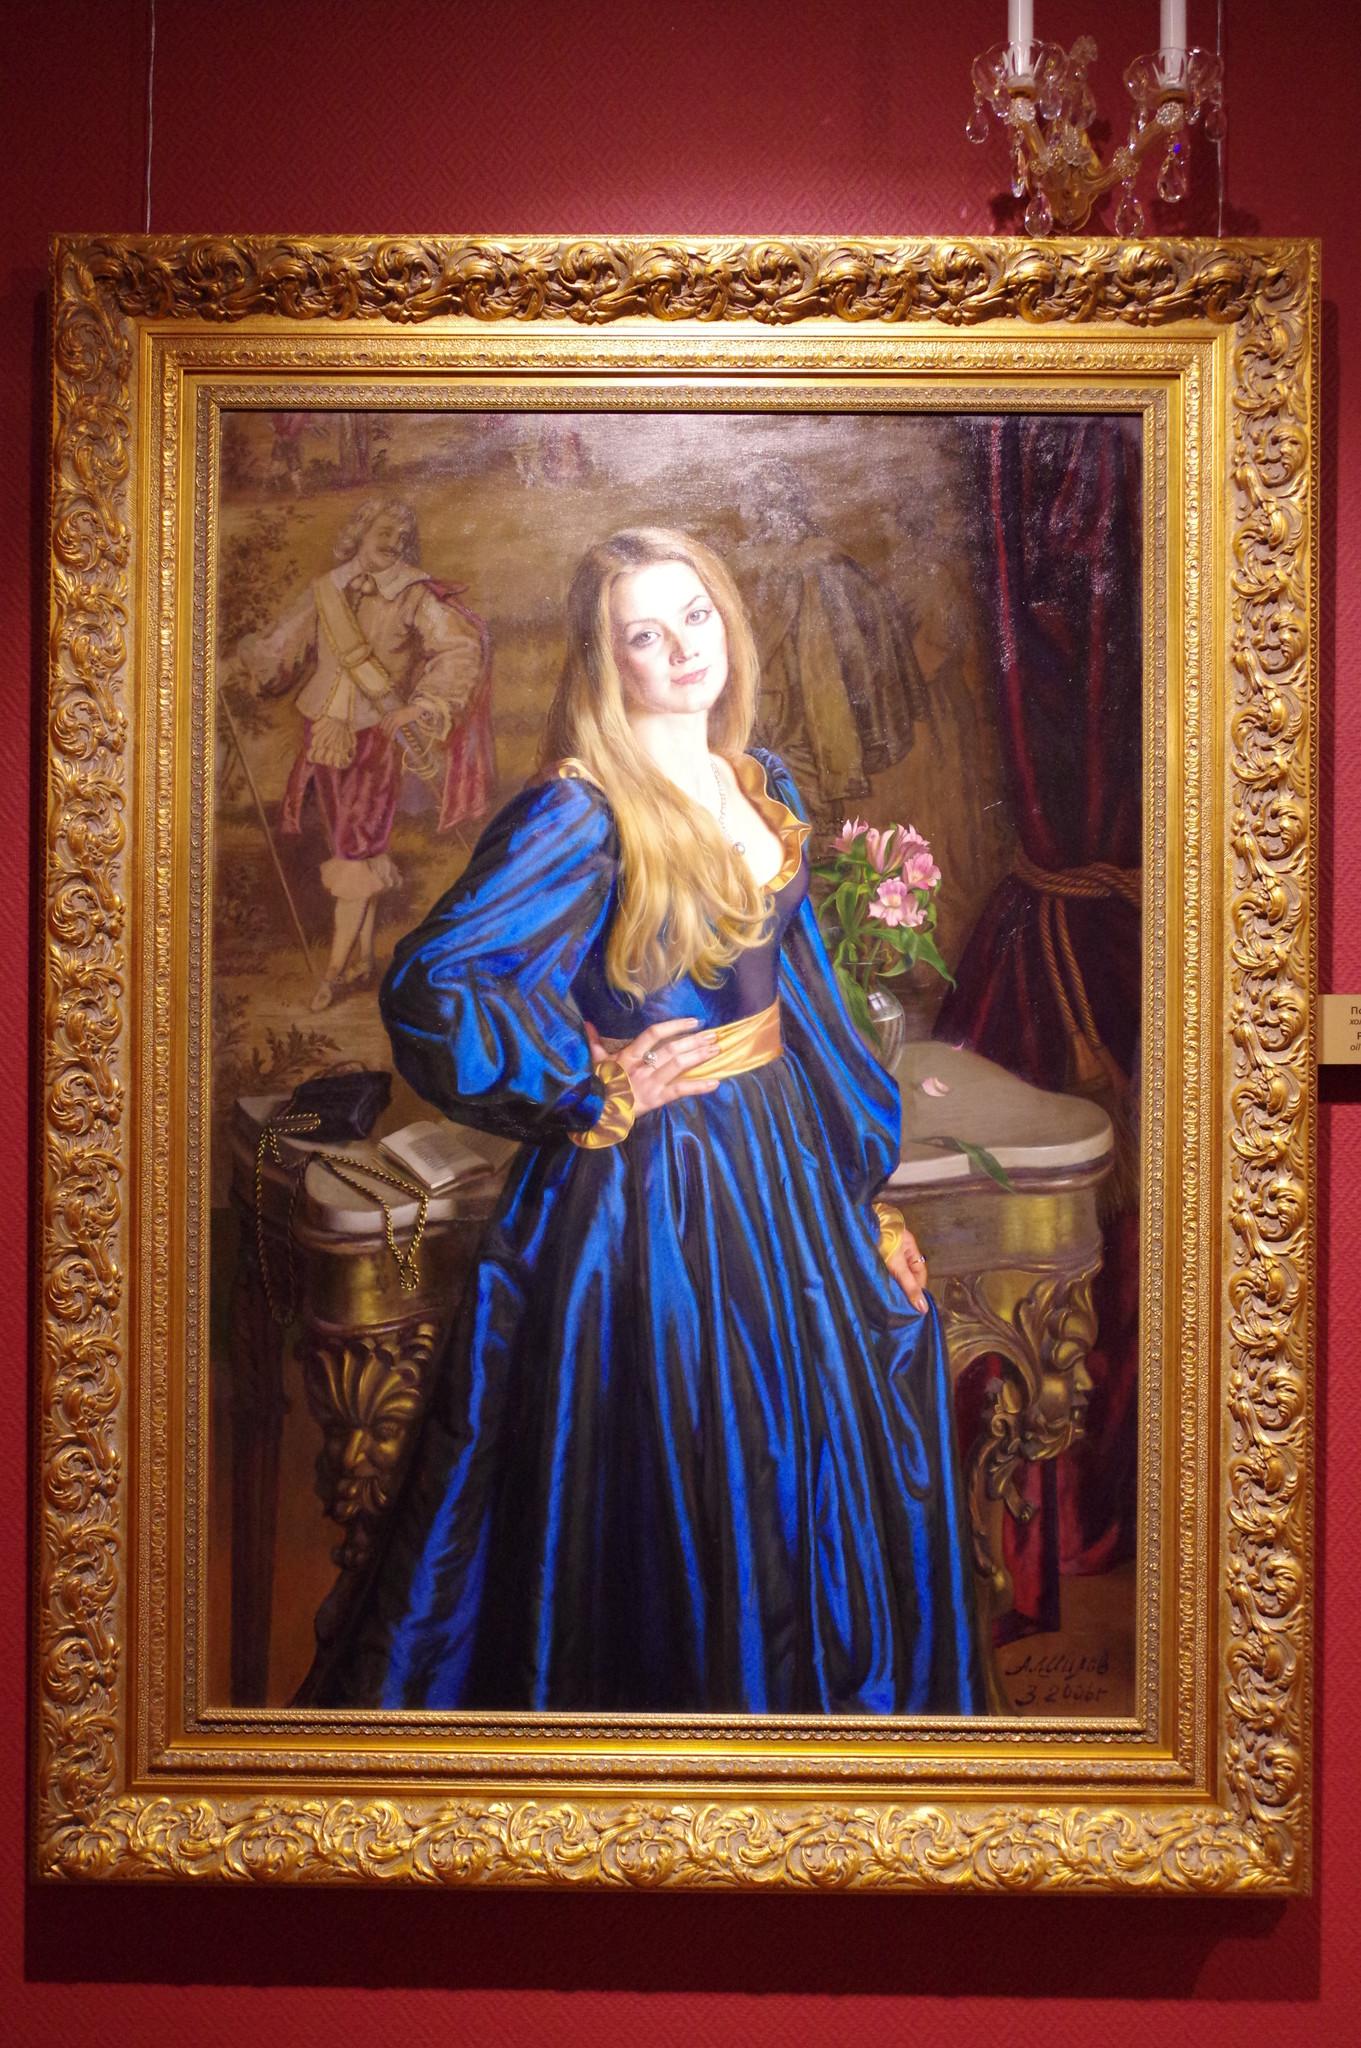 Полина Серова. Александр Шилов, холст, масло, 2006